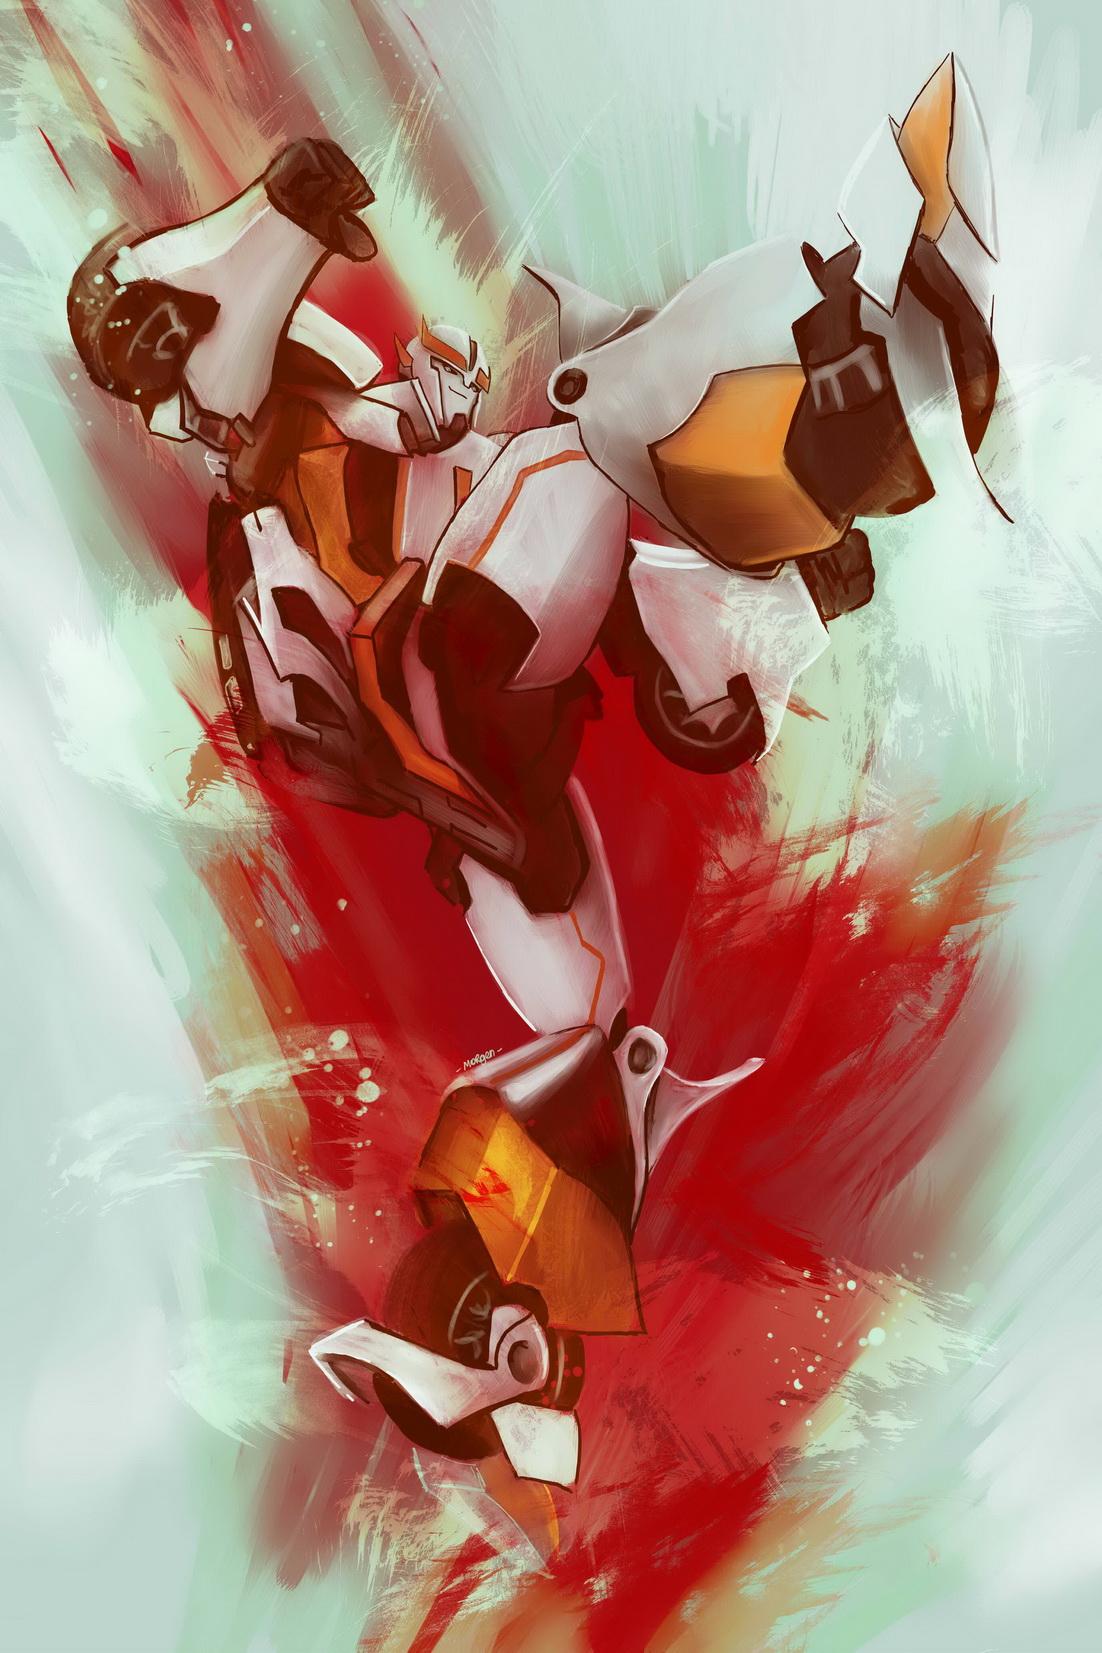 [Pro Art et Fan Art] Artistes à découvrir: Séries Animé Transformers, Films Transformers et non TF - Page 5 Burn_burn_burn_by_morgen_von_shiffer-d4c5tcc